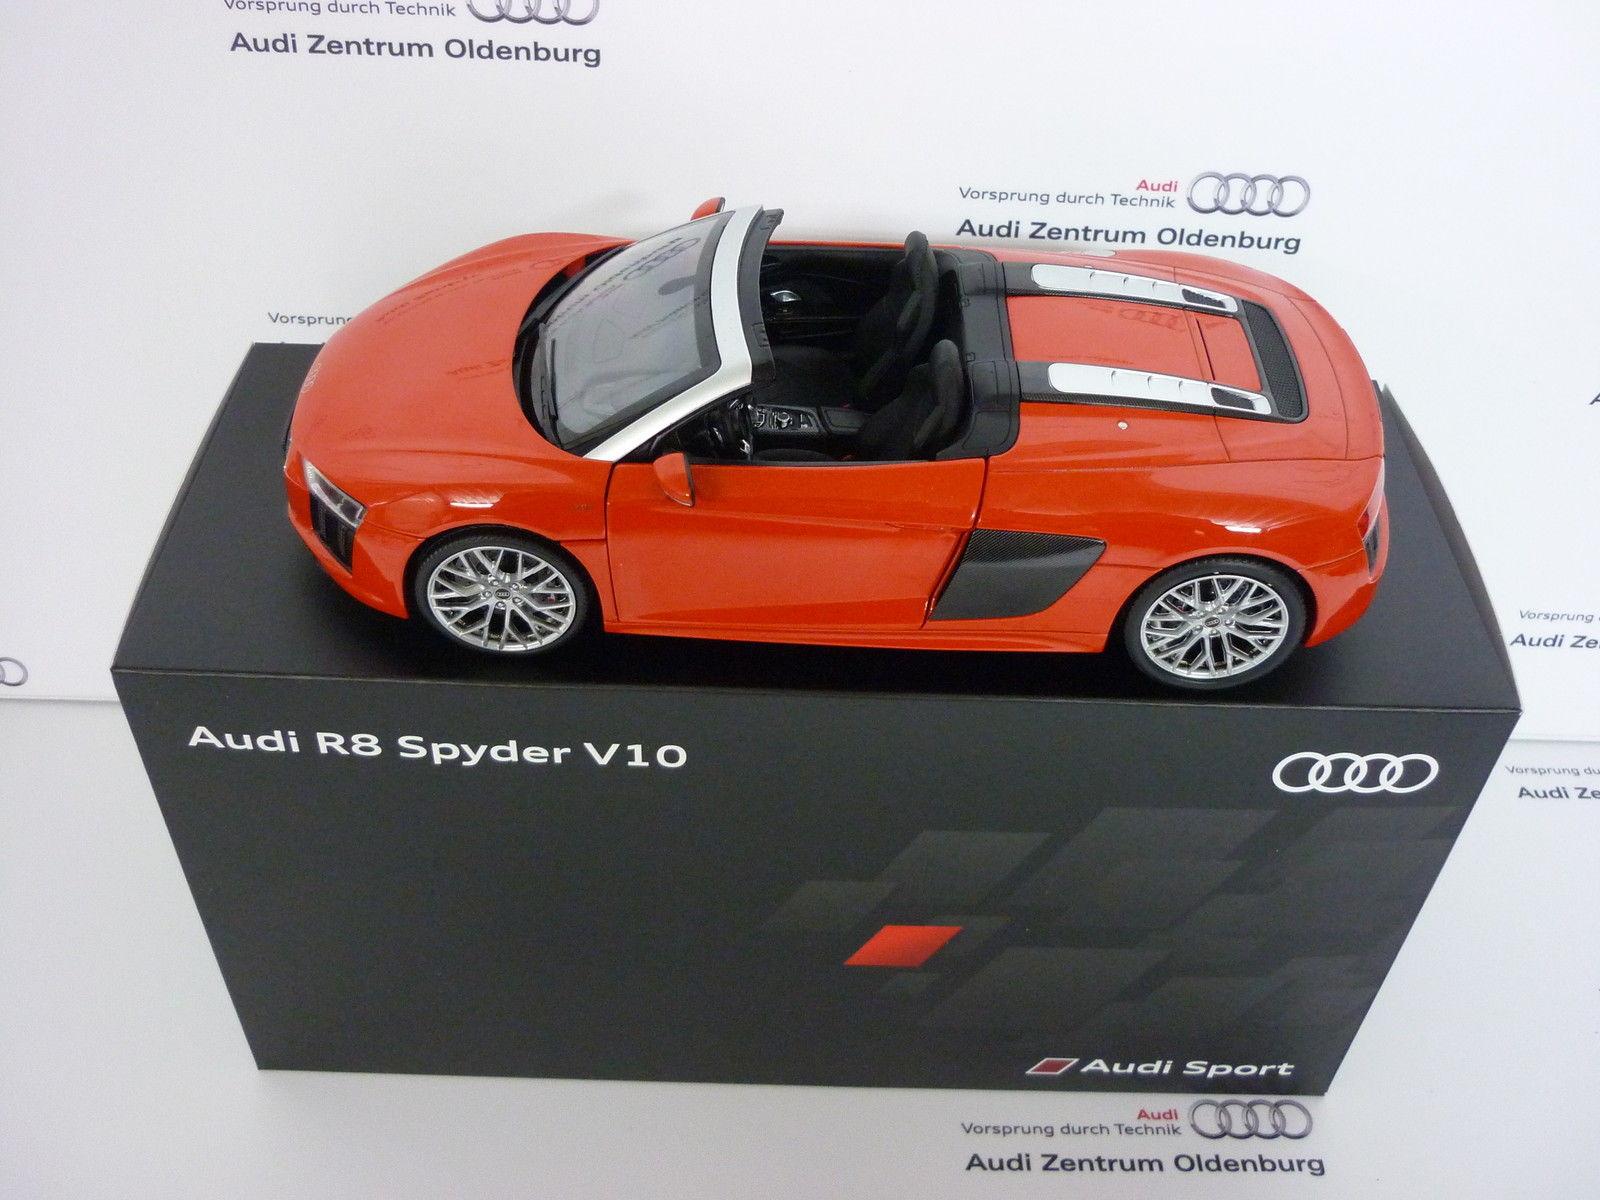 http://www.shop-audizentrum.net/bilder/r8rot2.jpg